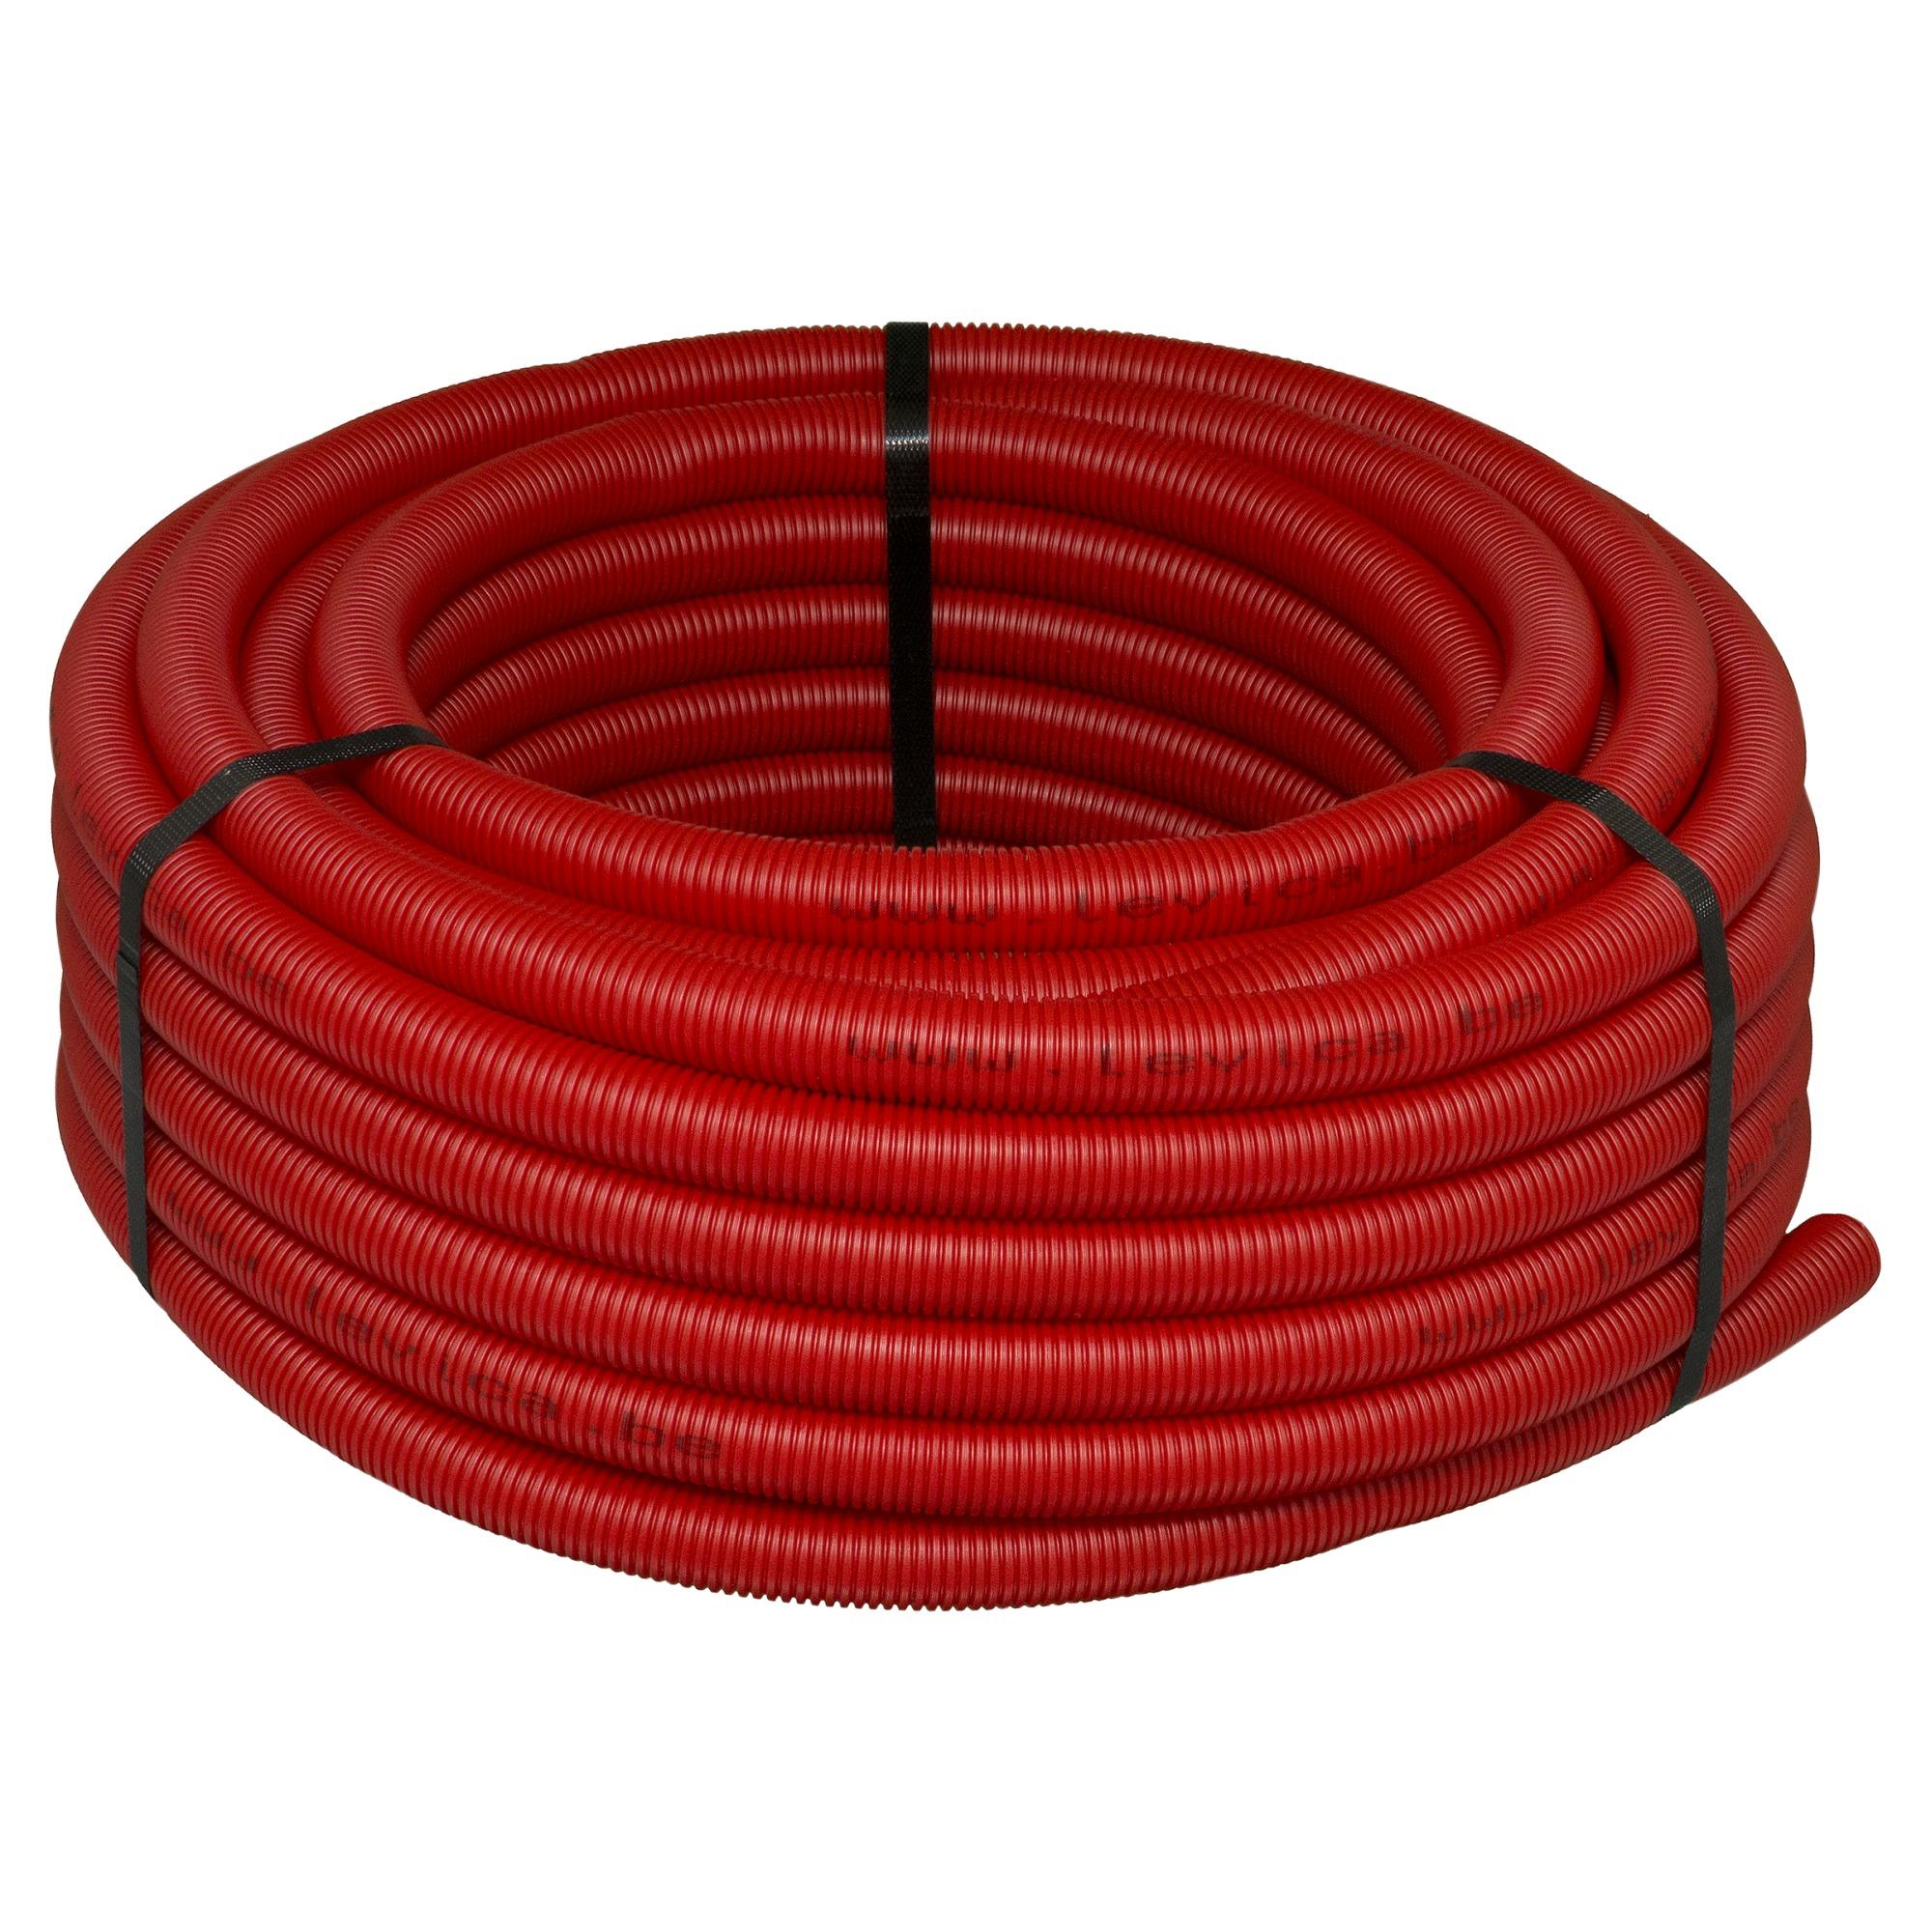 tuyau vpe c pour sanitaire levica 16x2 2 mm 10 m rouge mat riel de raccordement eau et gaz. Black Bedroom Furniture Sets. Home Design Ideas